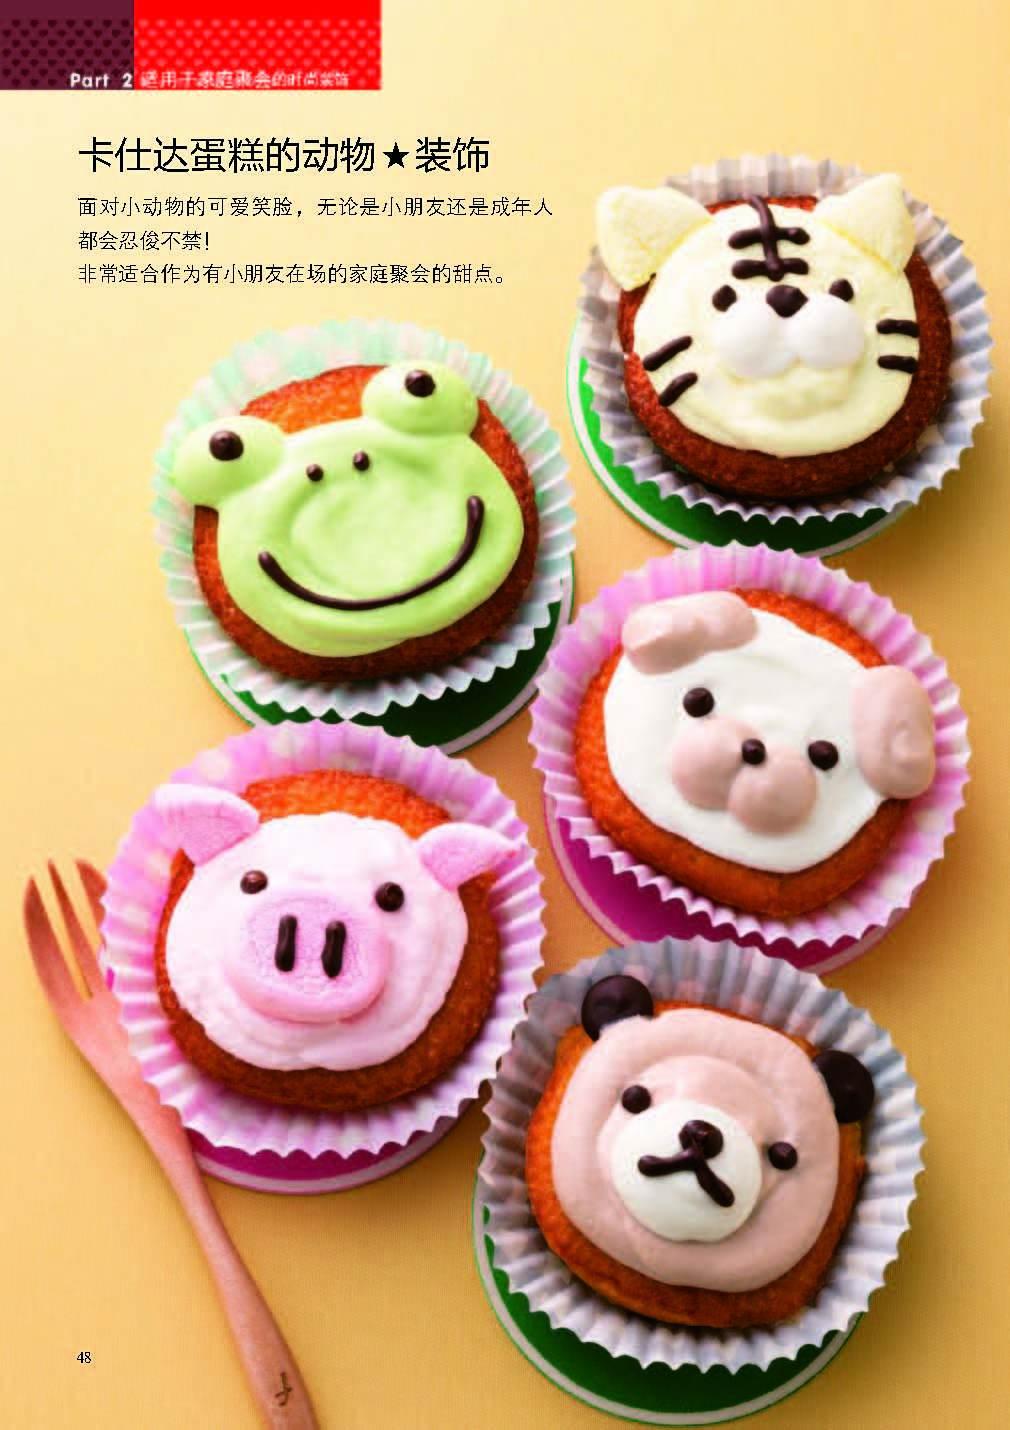 烹饪/美食 烘焙甜品 超可爱彩绘饼干和甜点